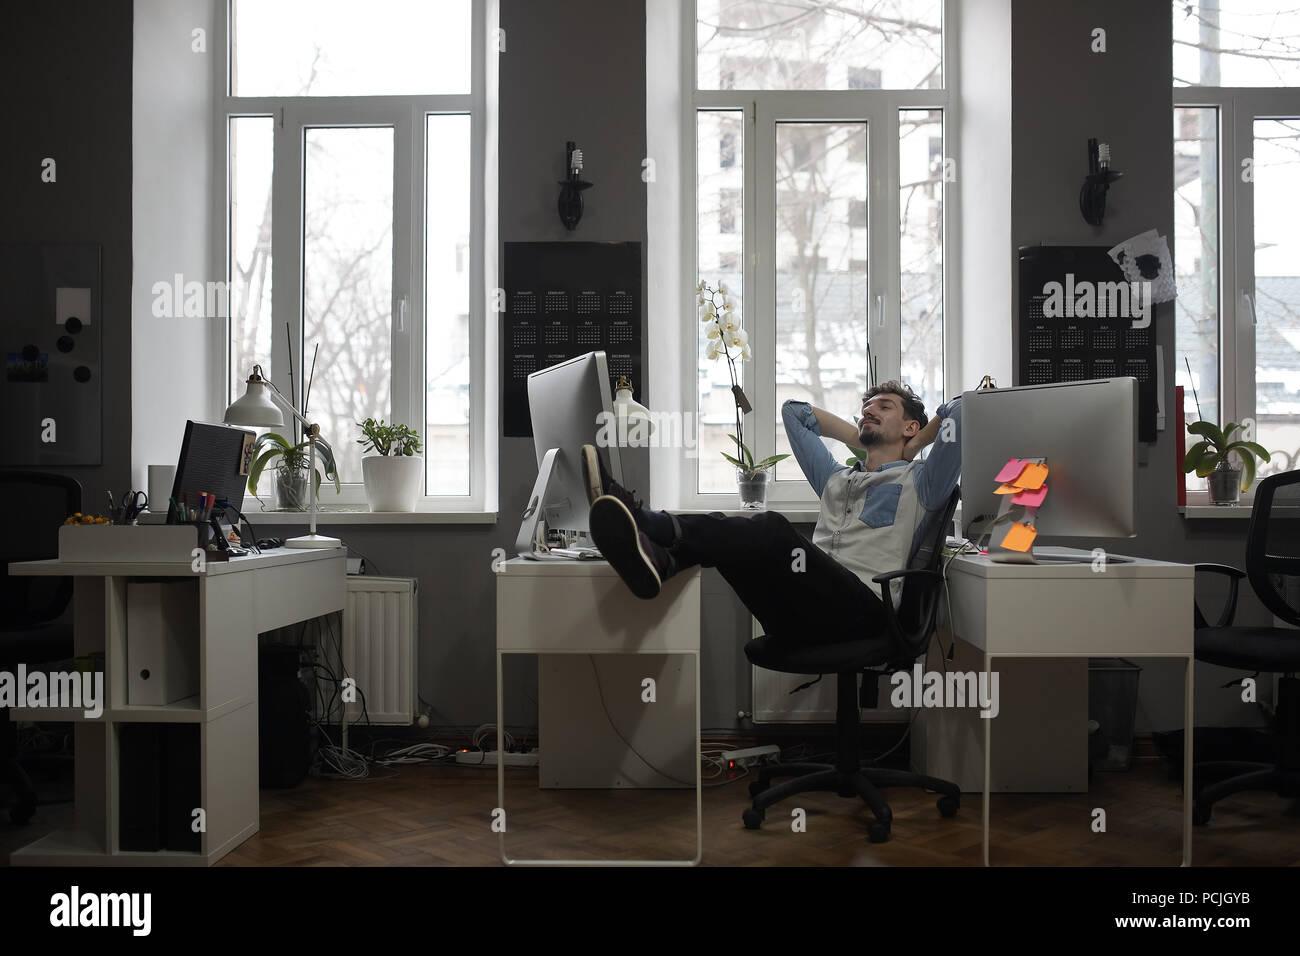 Ein Mann denken an einen Urlaub in einem modernen Büro beim Entspannen Stockfoto